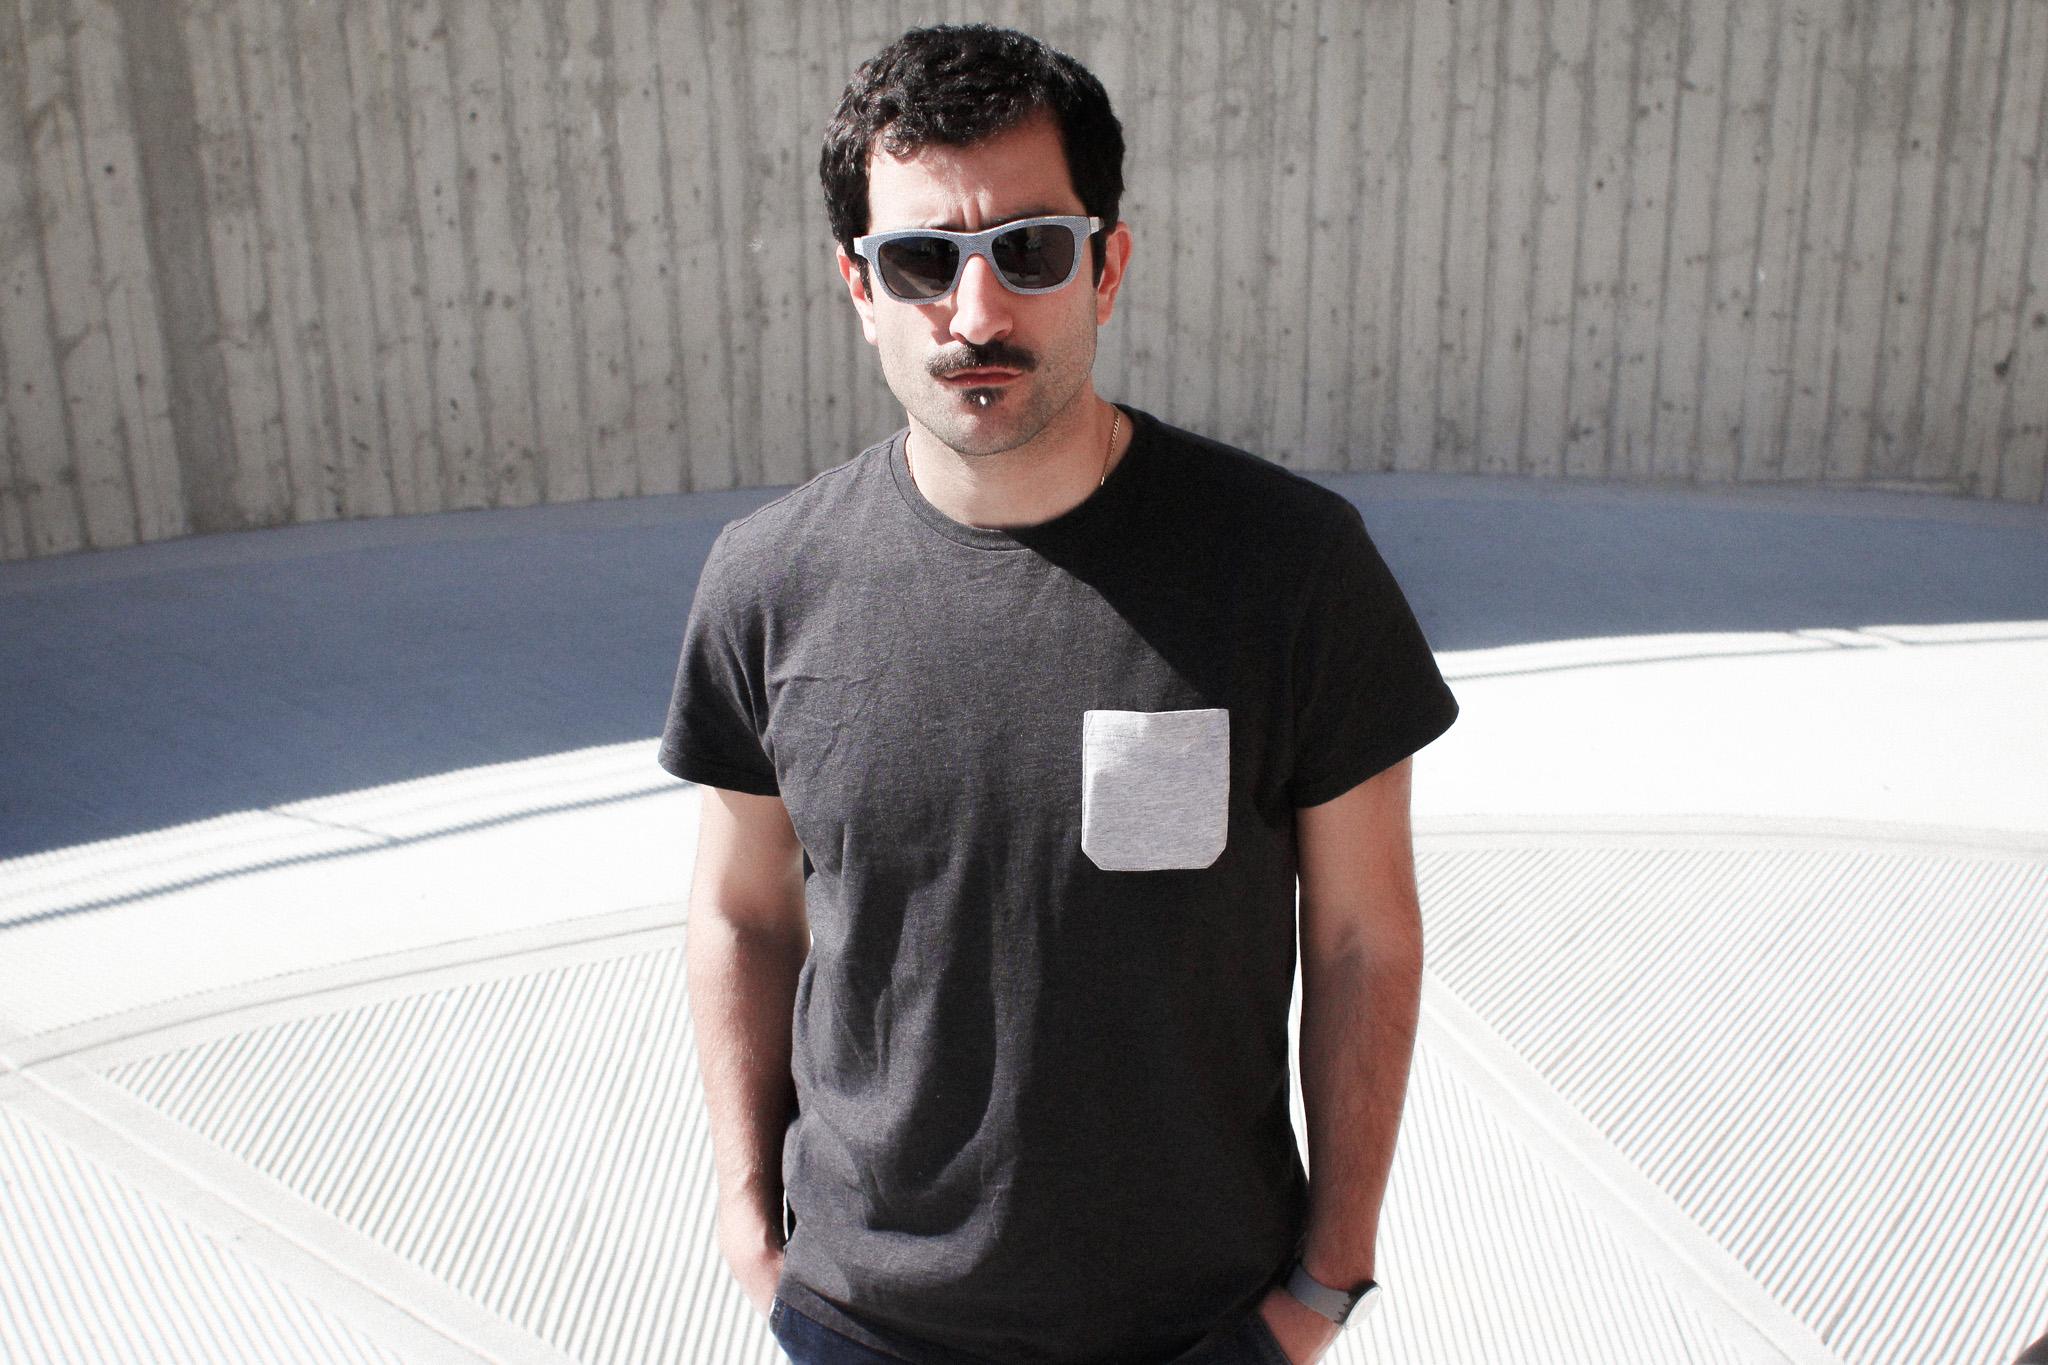 diesel-sunglasses-editorial-rfm-12.jpg